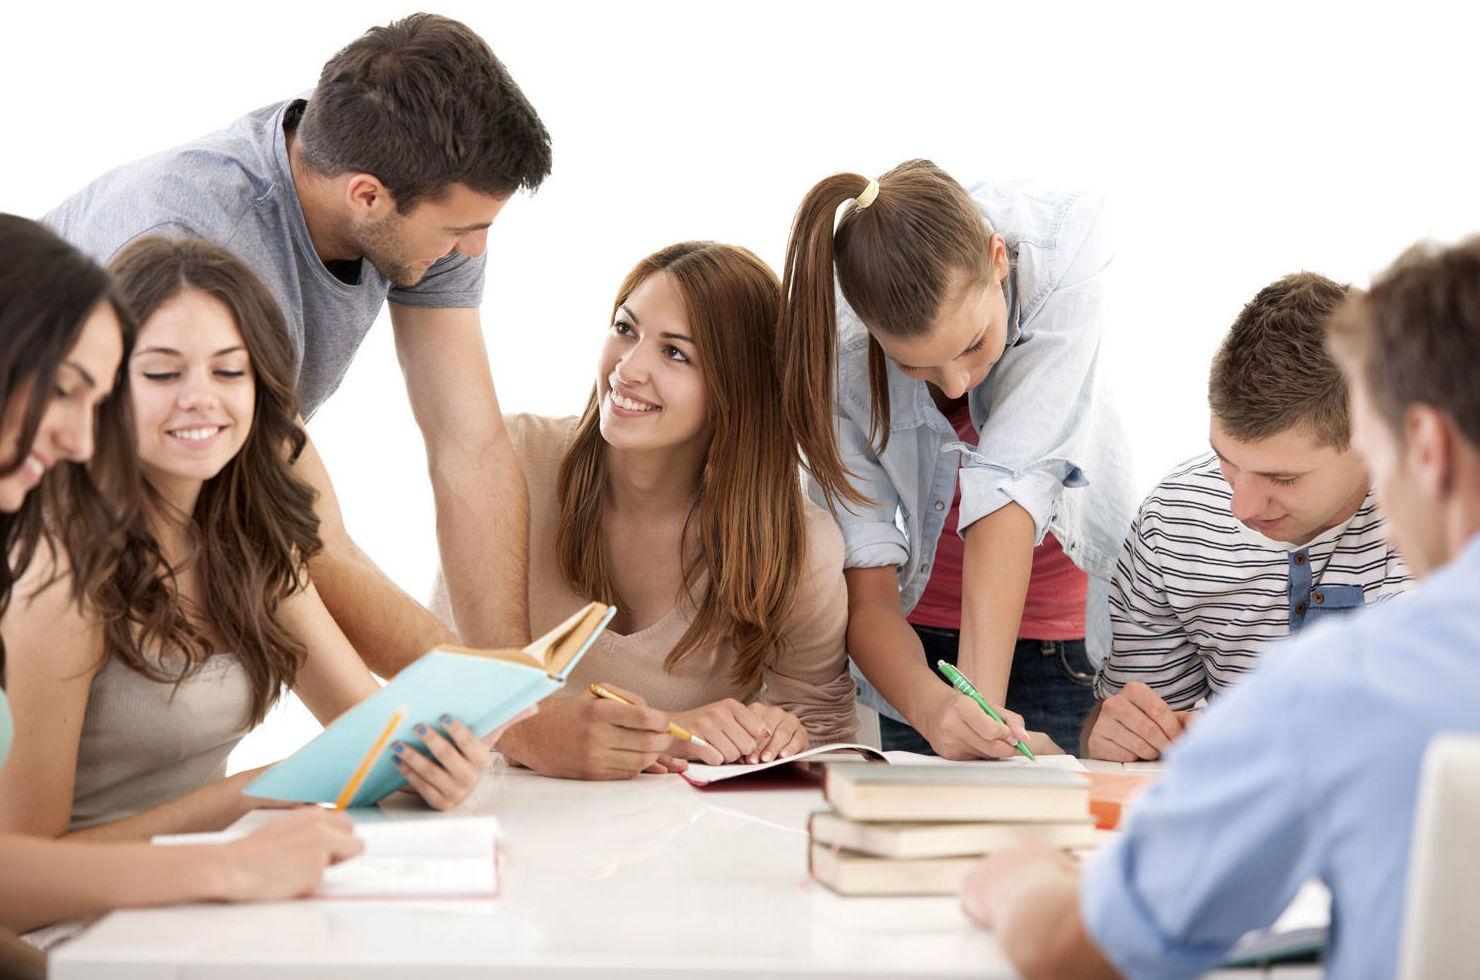 Academia de Idiomas en Carabanchel